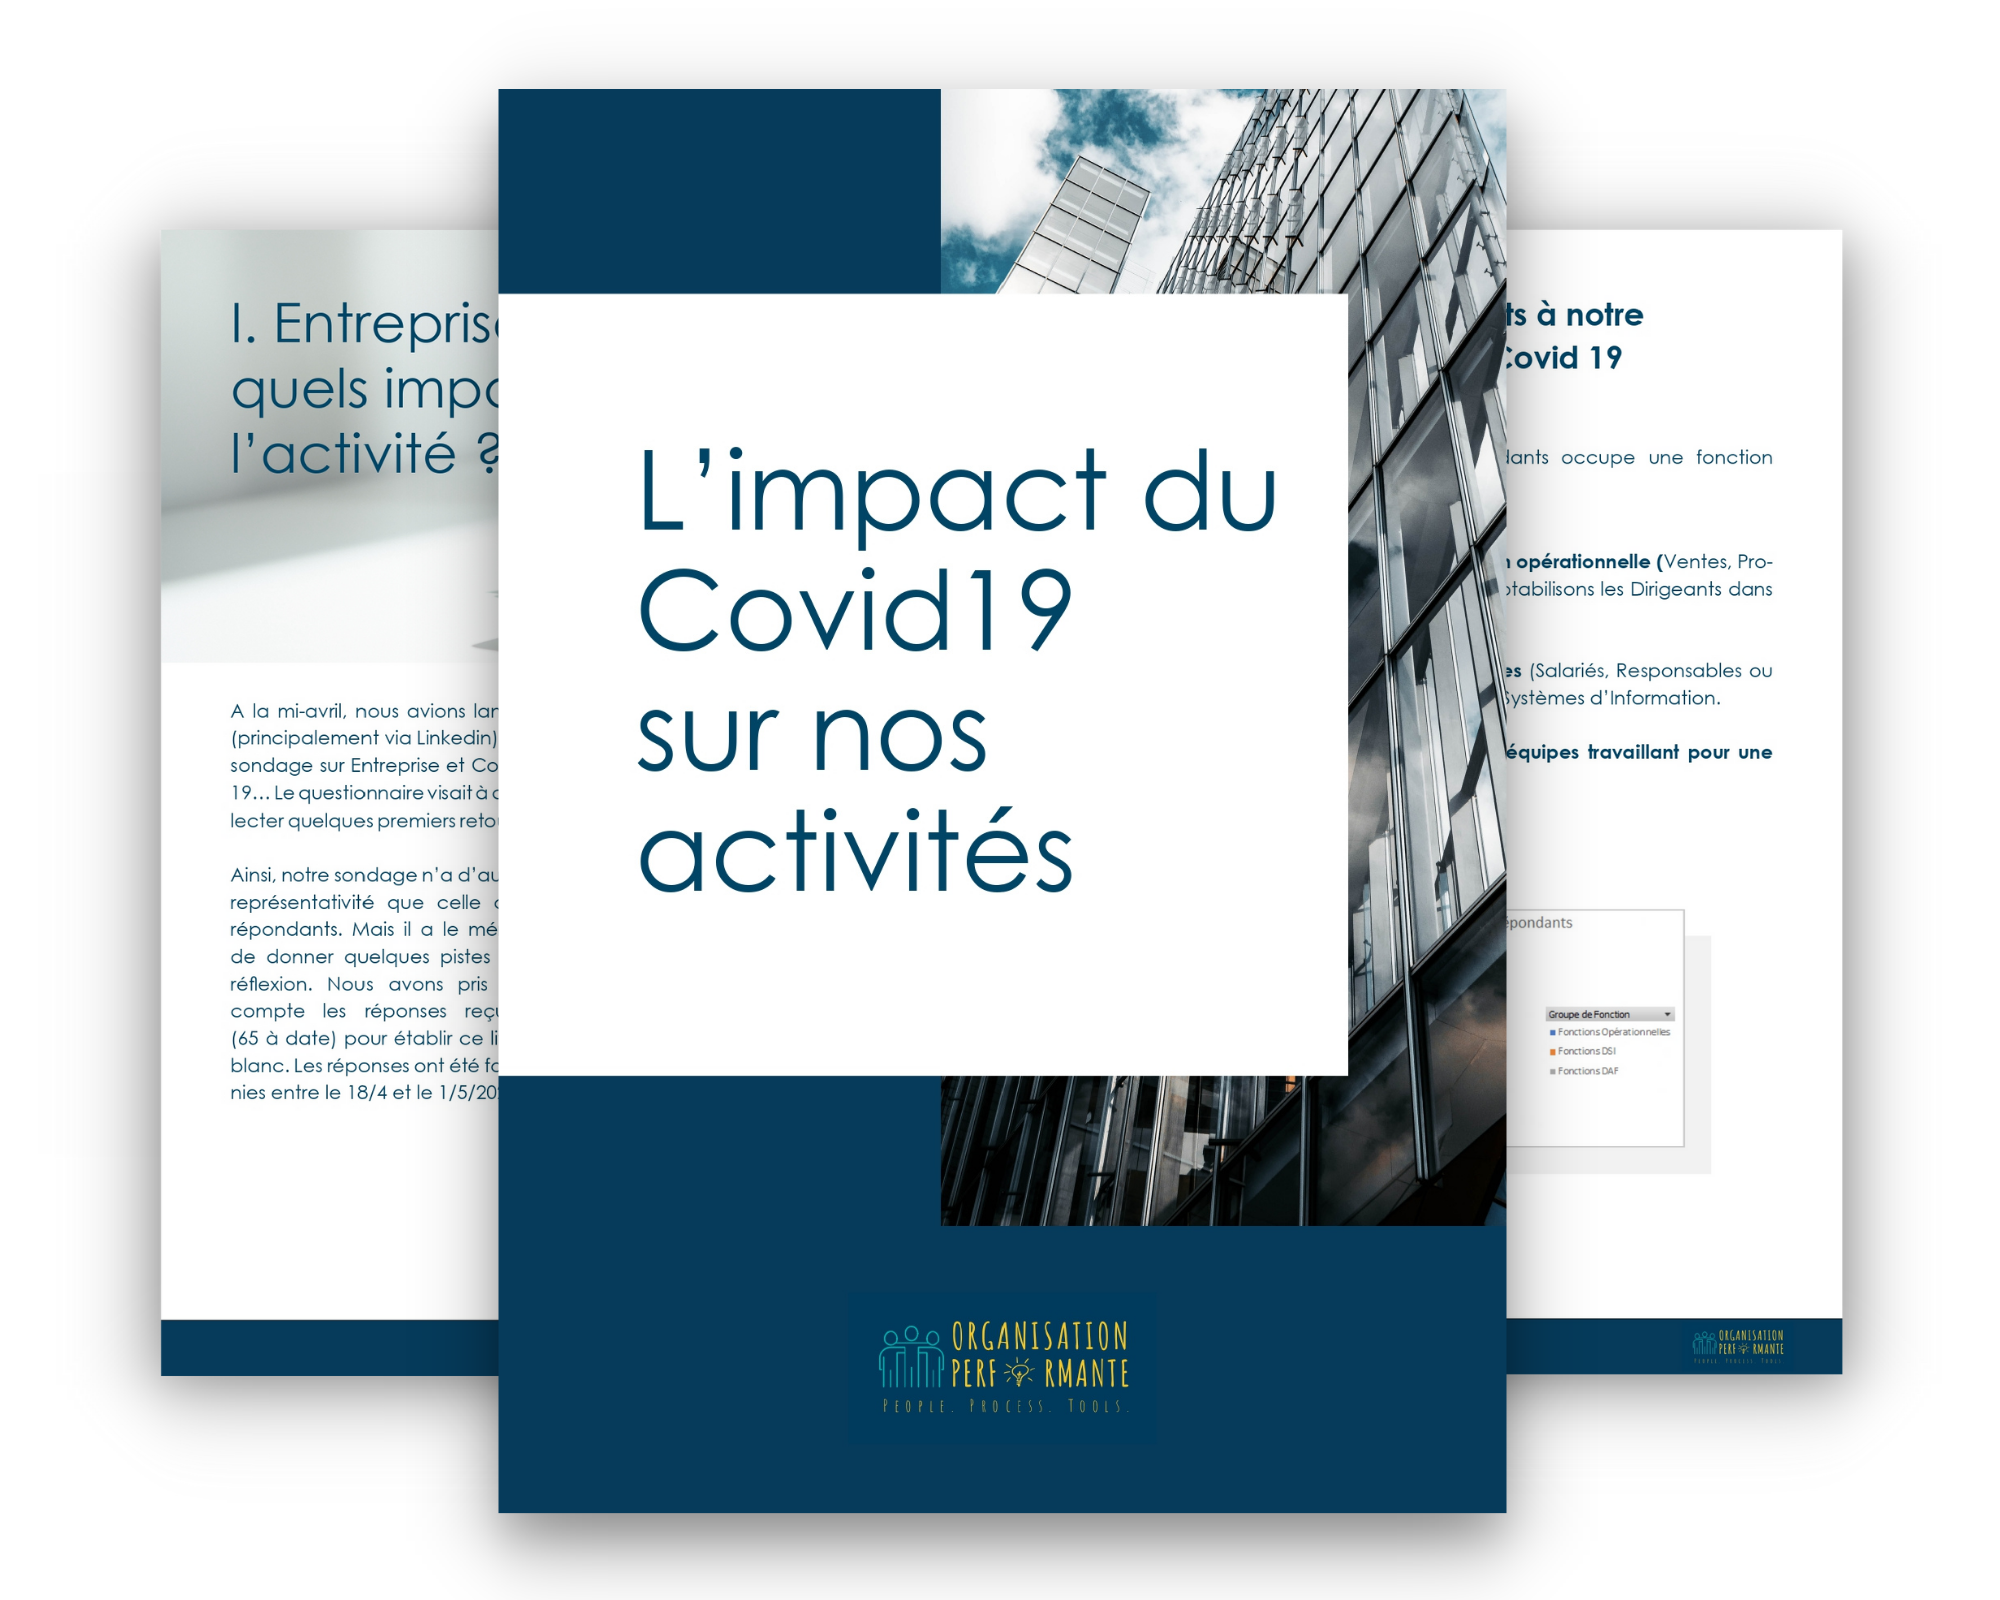 livre blanc tendances digitales banque